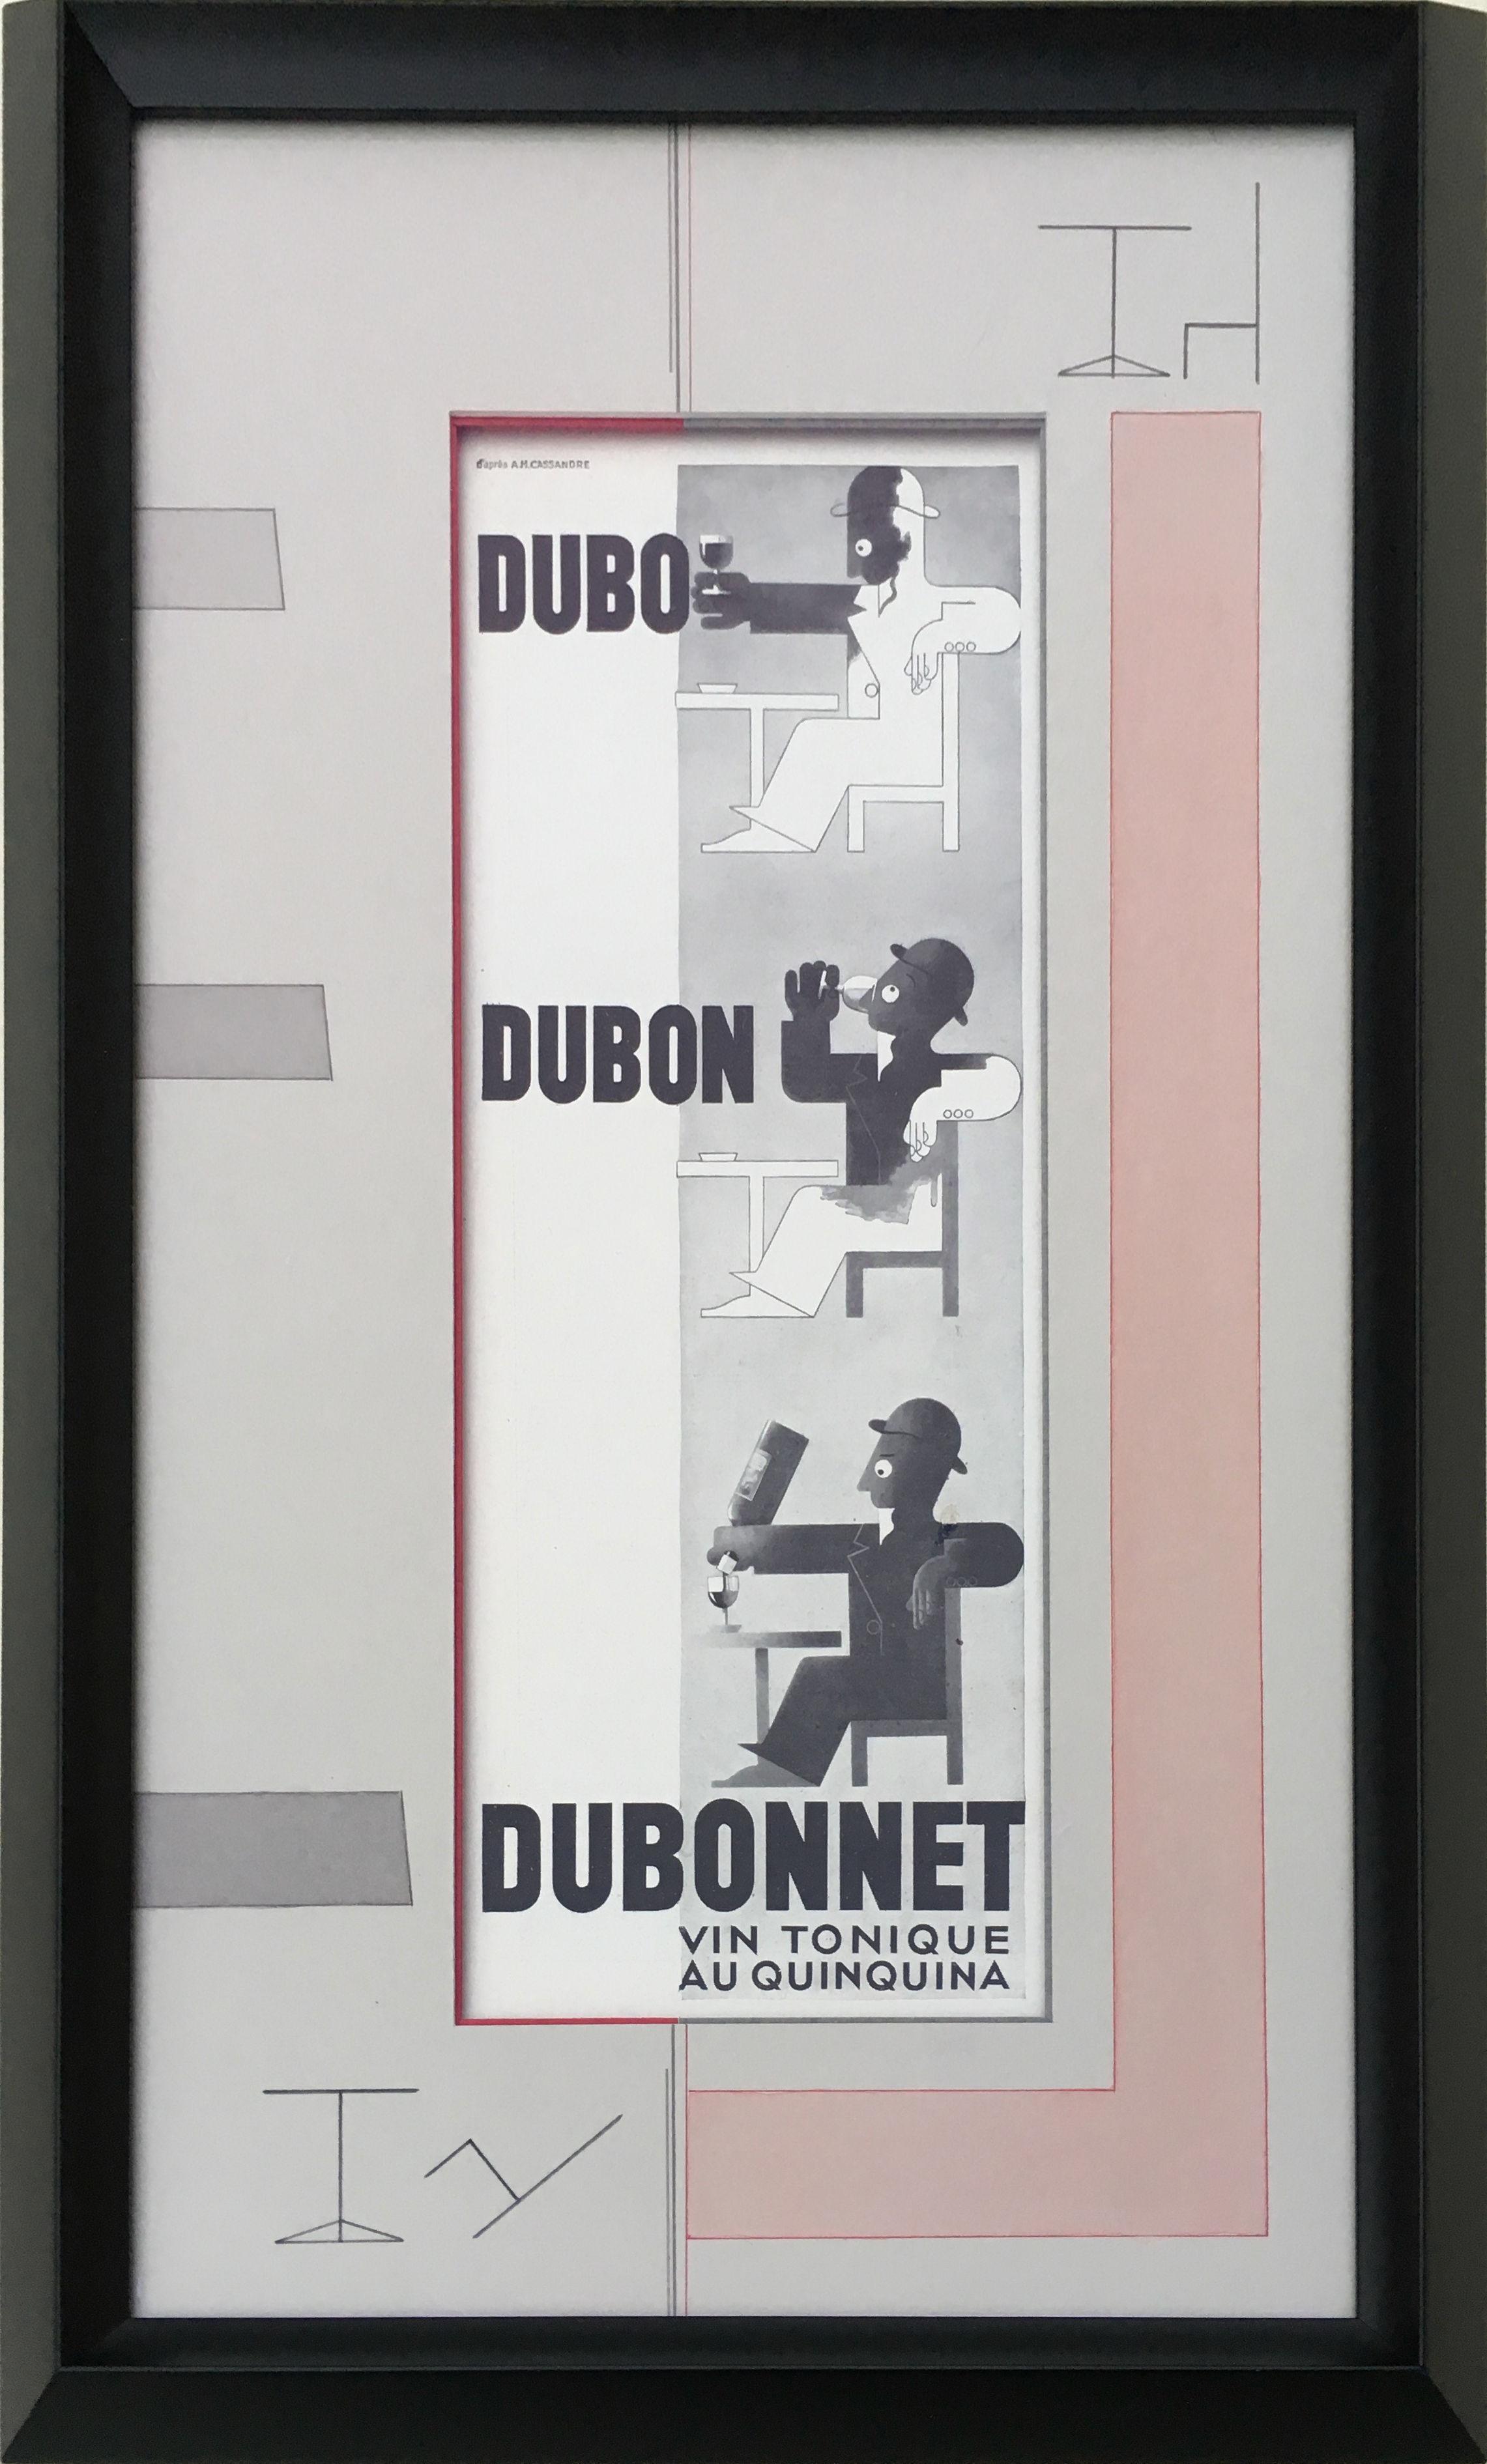 Du beau, du bon, Dubonnet